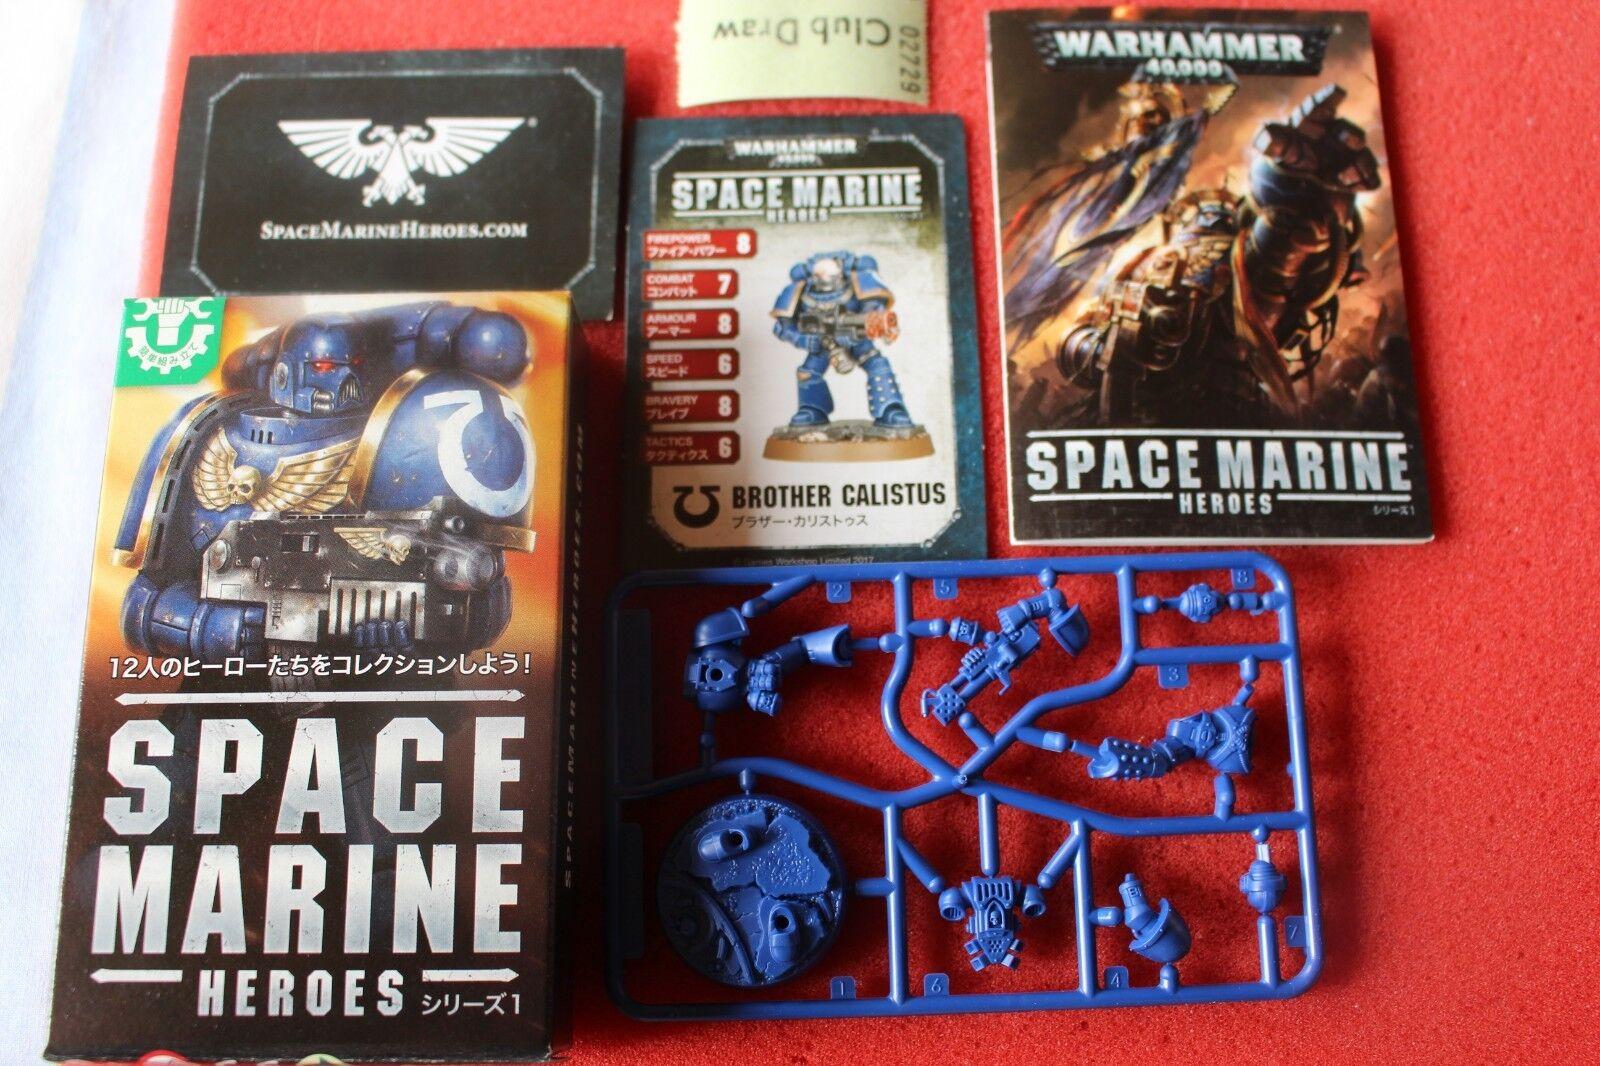 Space Marine Heroes Bredher Calistus Japan Exclusive Games Workshop New Marines